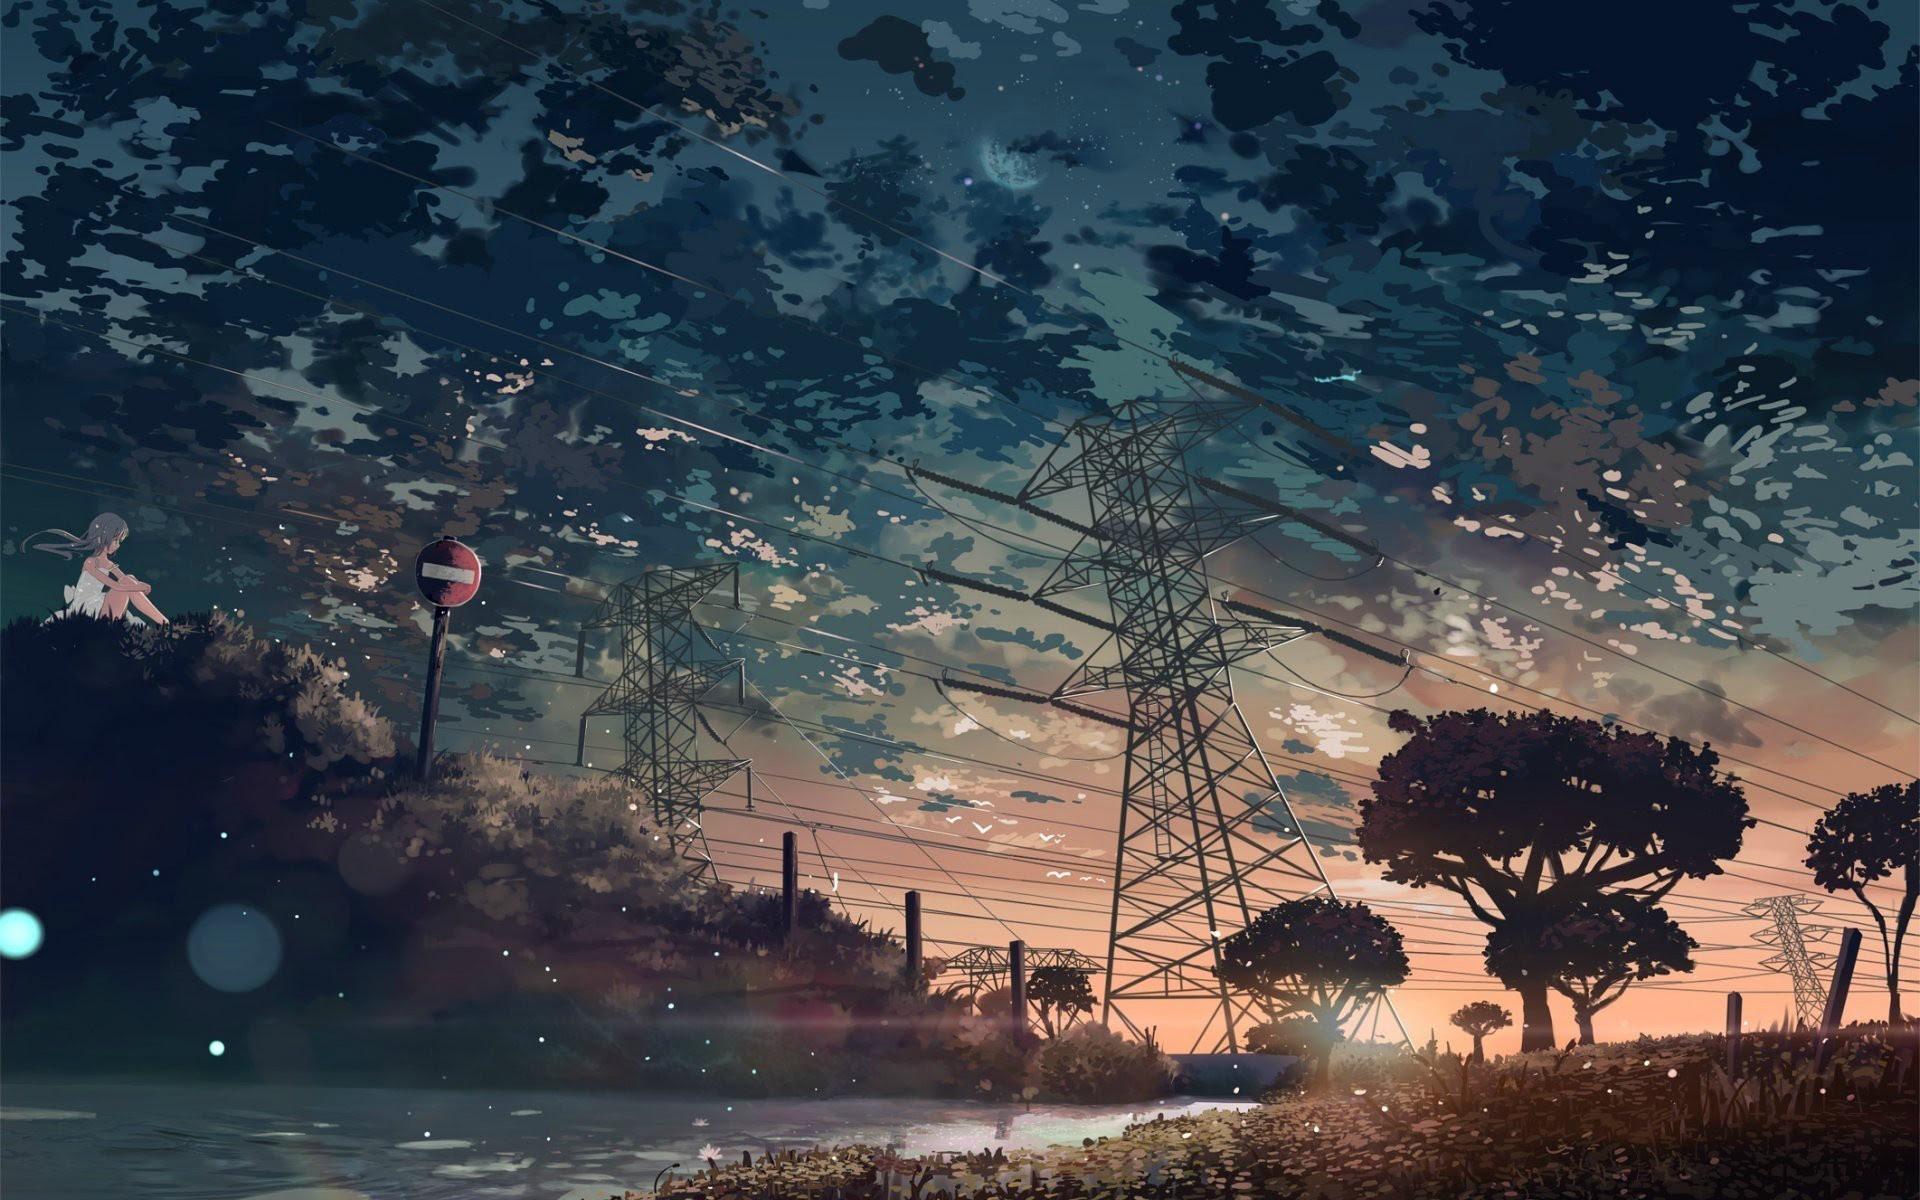 Download 610 Koleksi Wallpaper Hd Anime Nature Gratis Terbaru